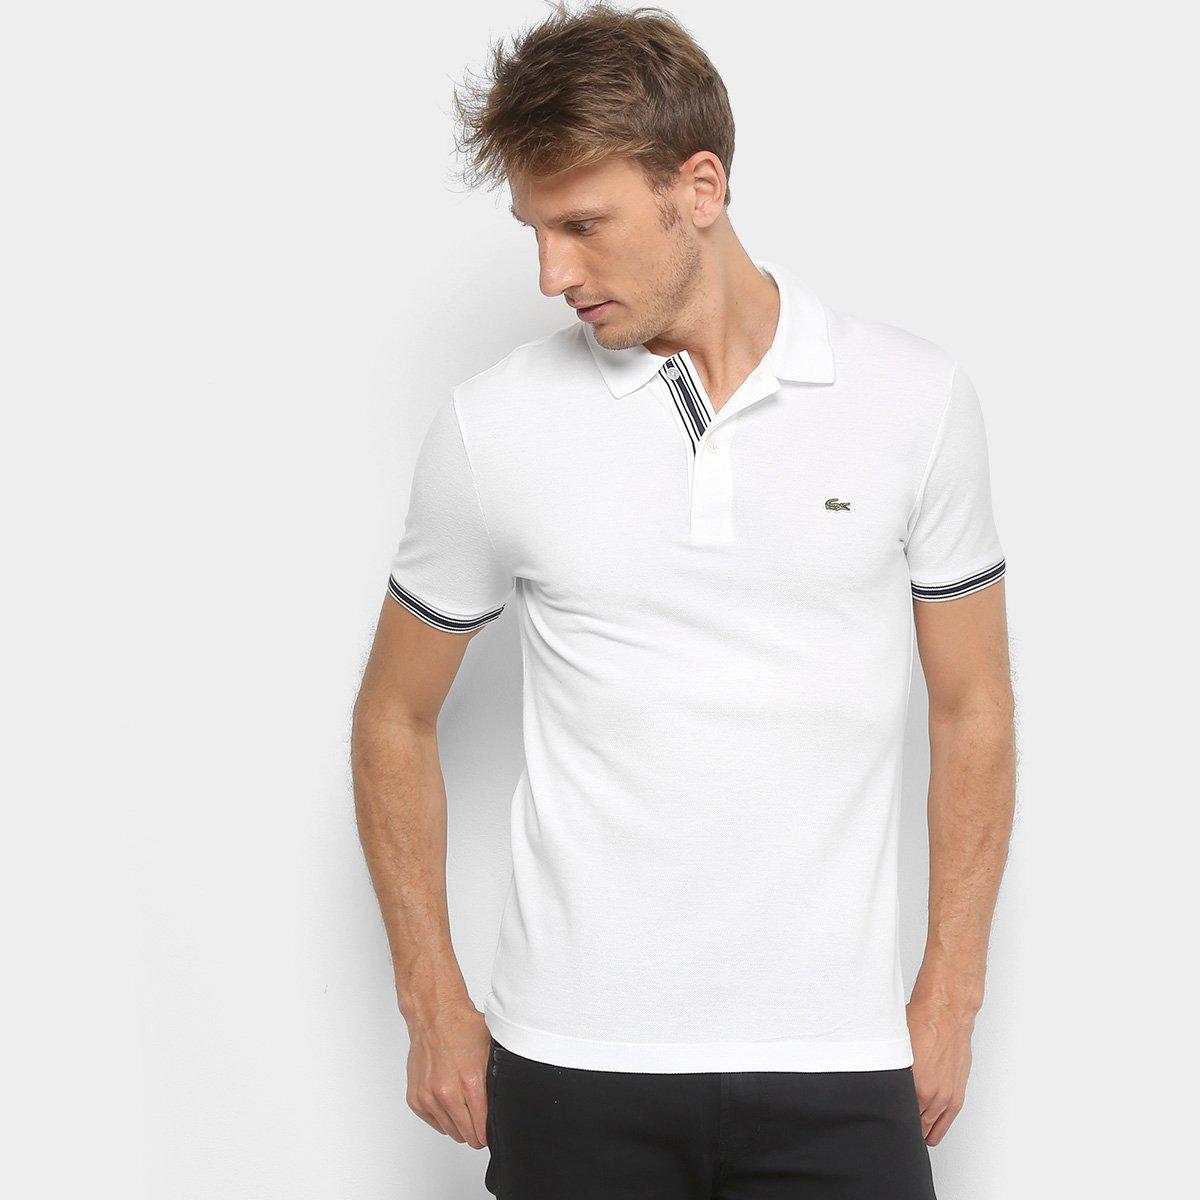 ad18b4631e275 Camisa Polo Lacoste Piquet Slim Fit Masculina - Compre Agora   Zattini